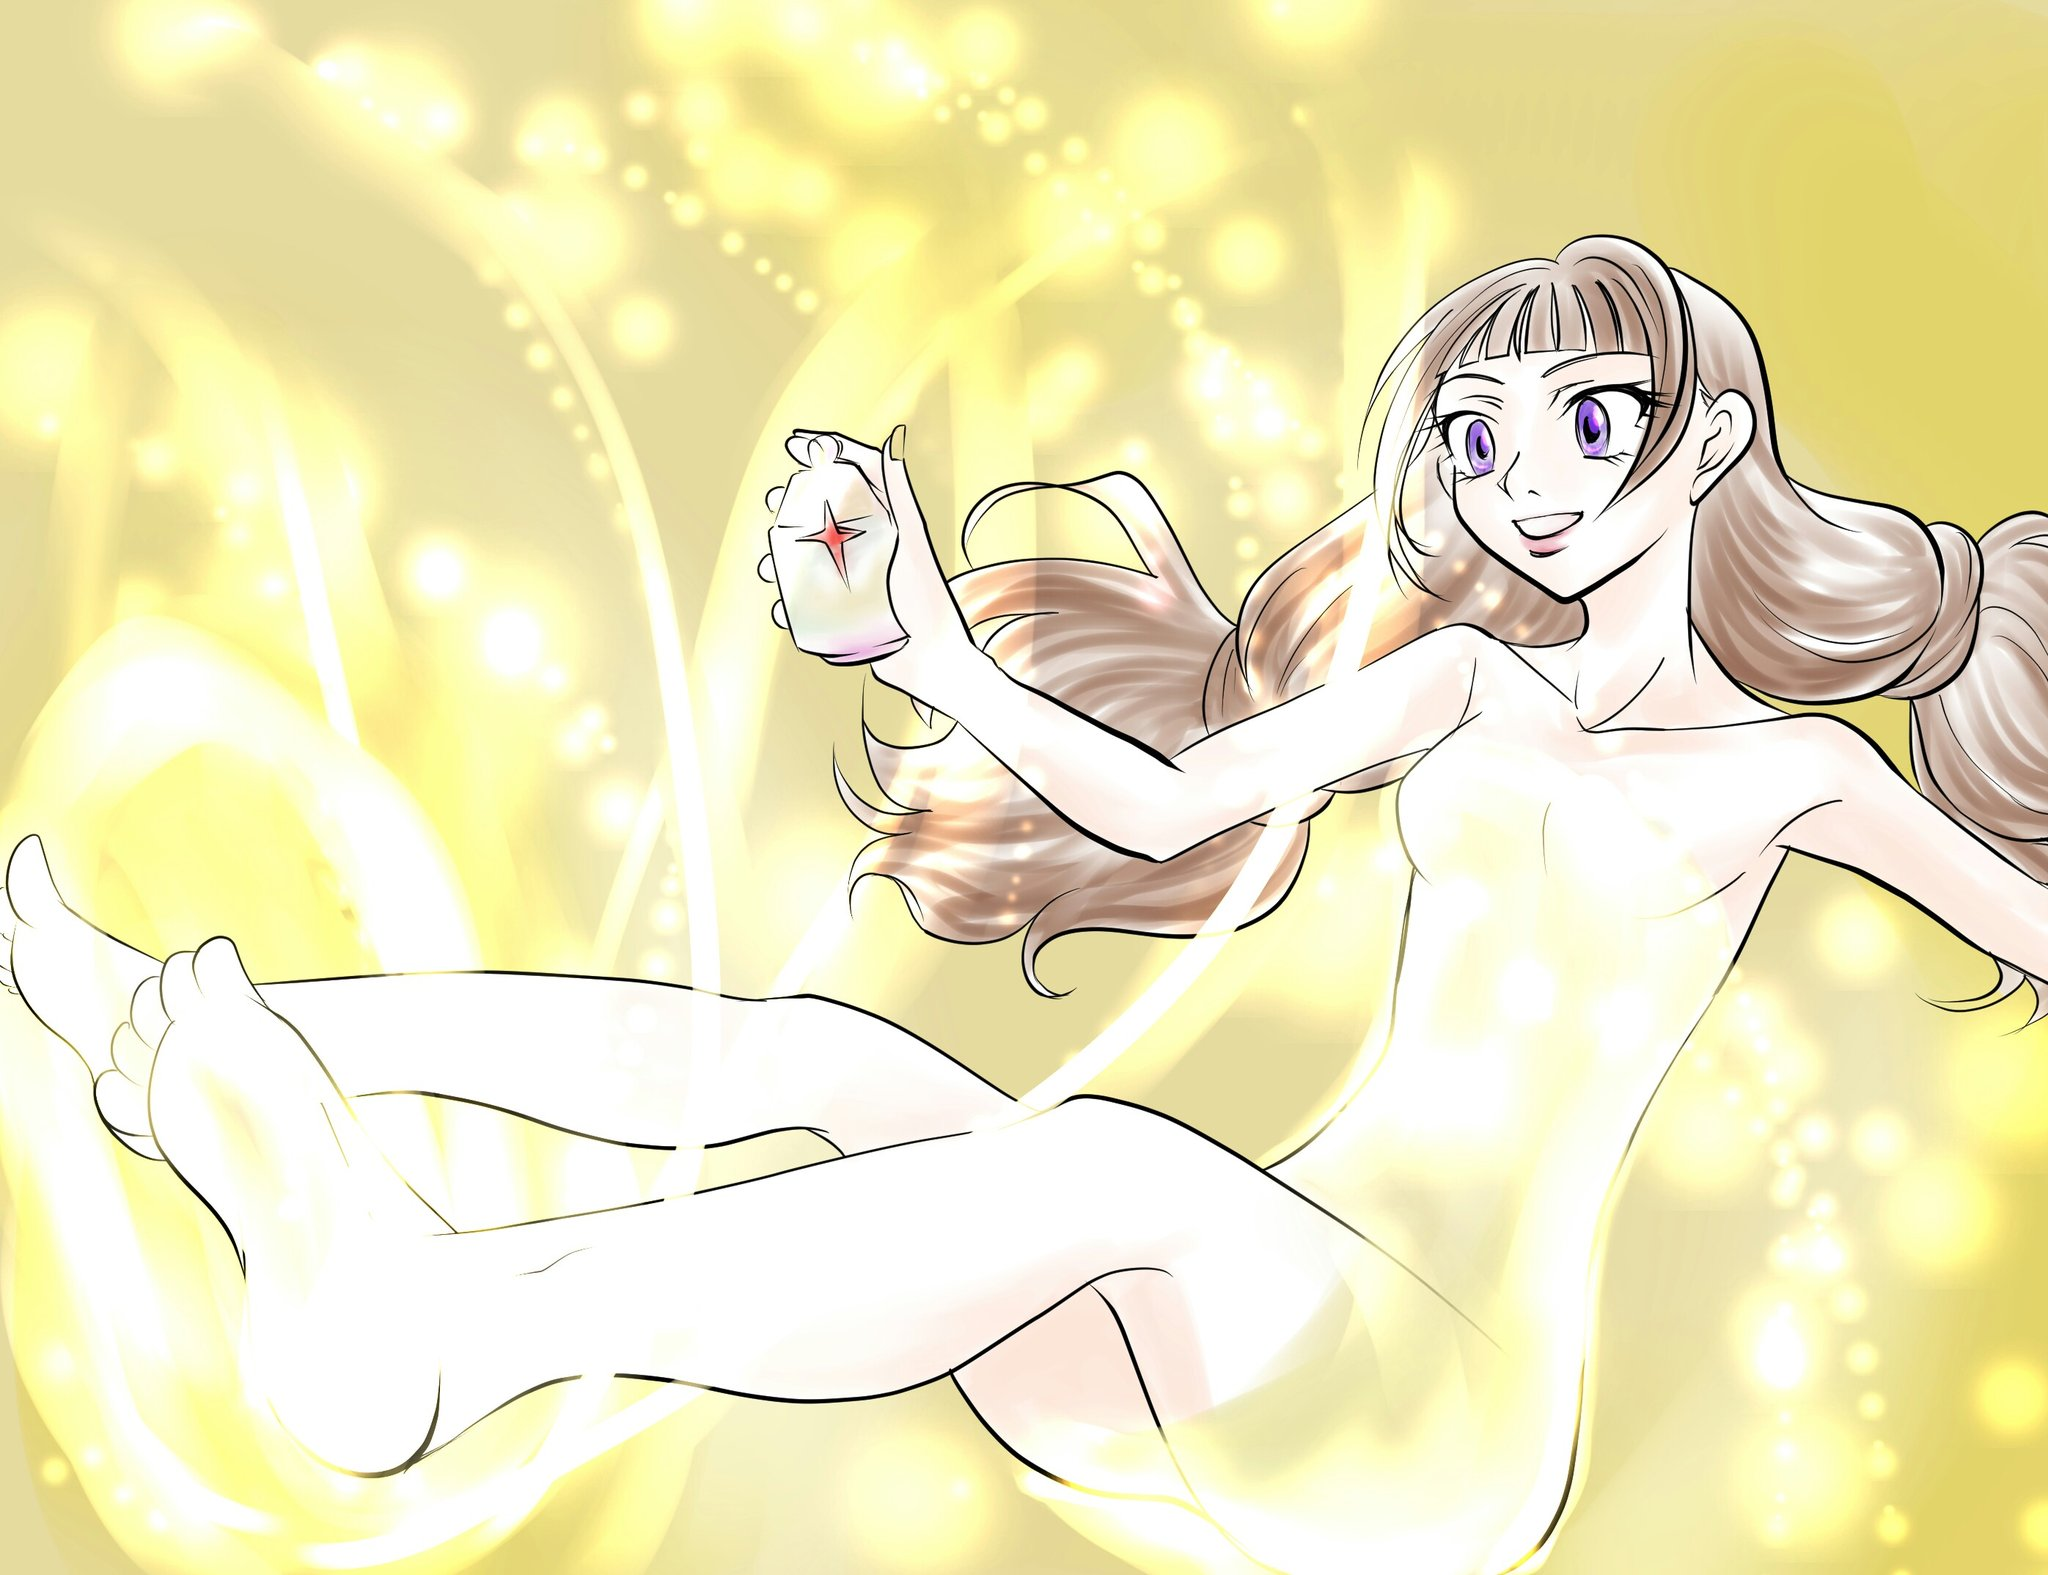 たかさき (@takasaki2151)さんのイラスト